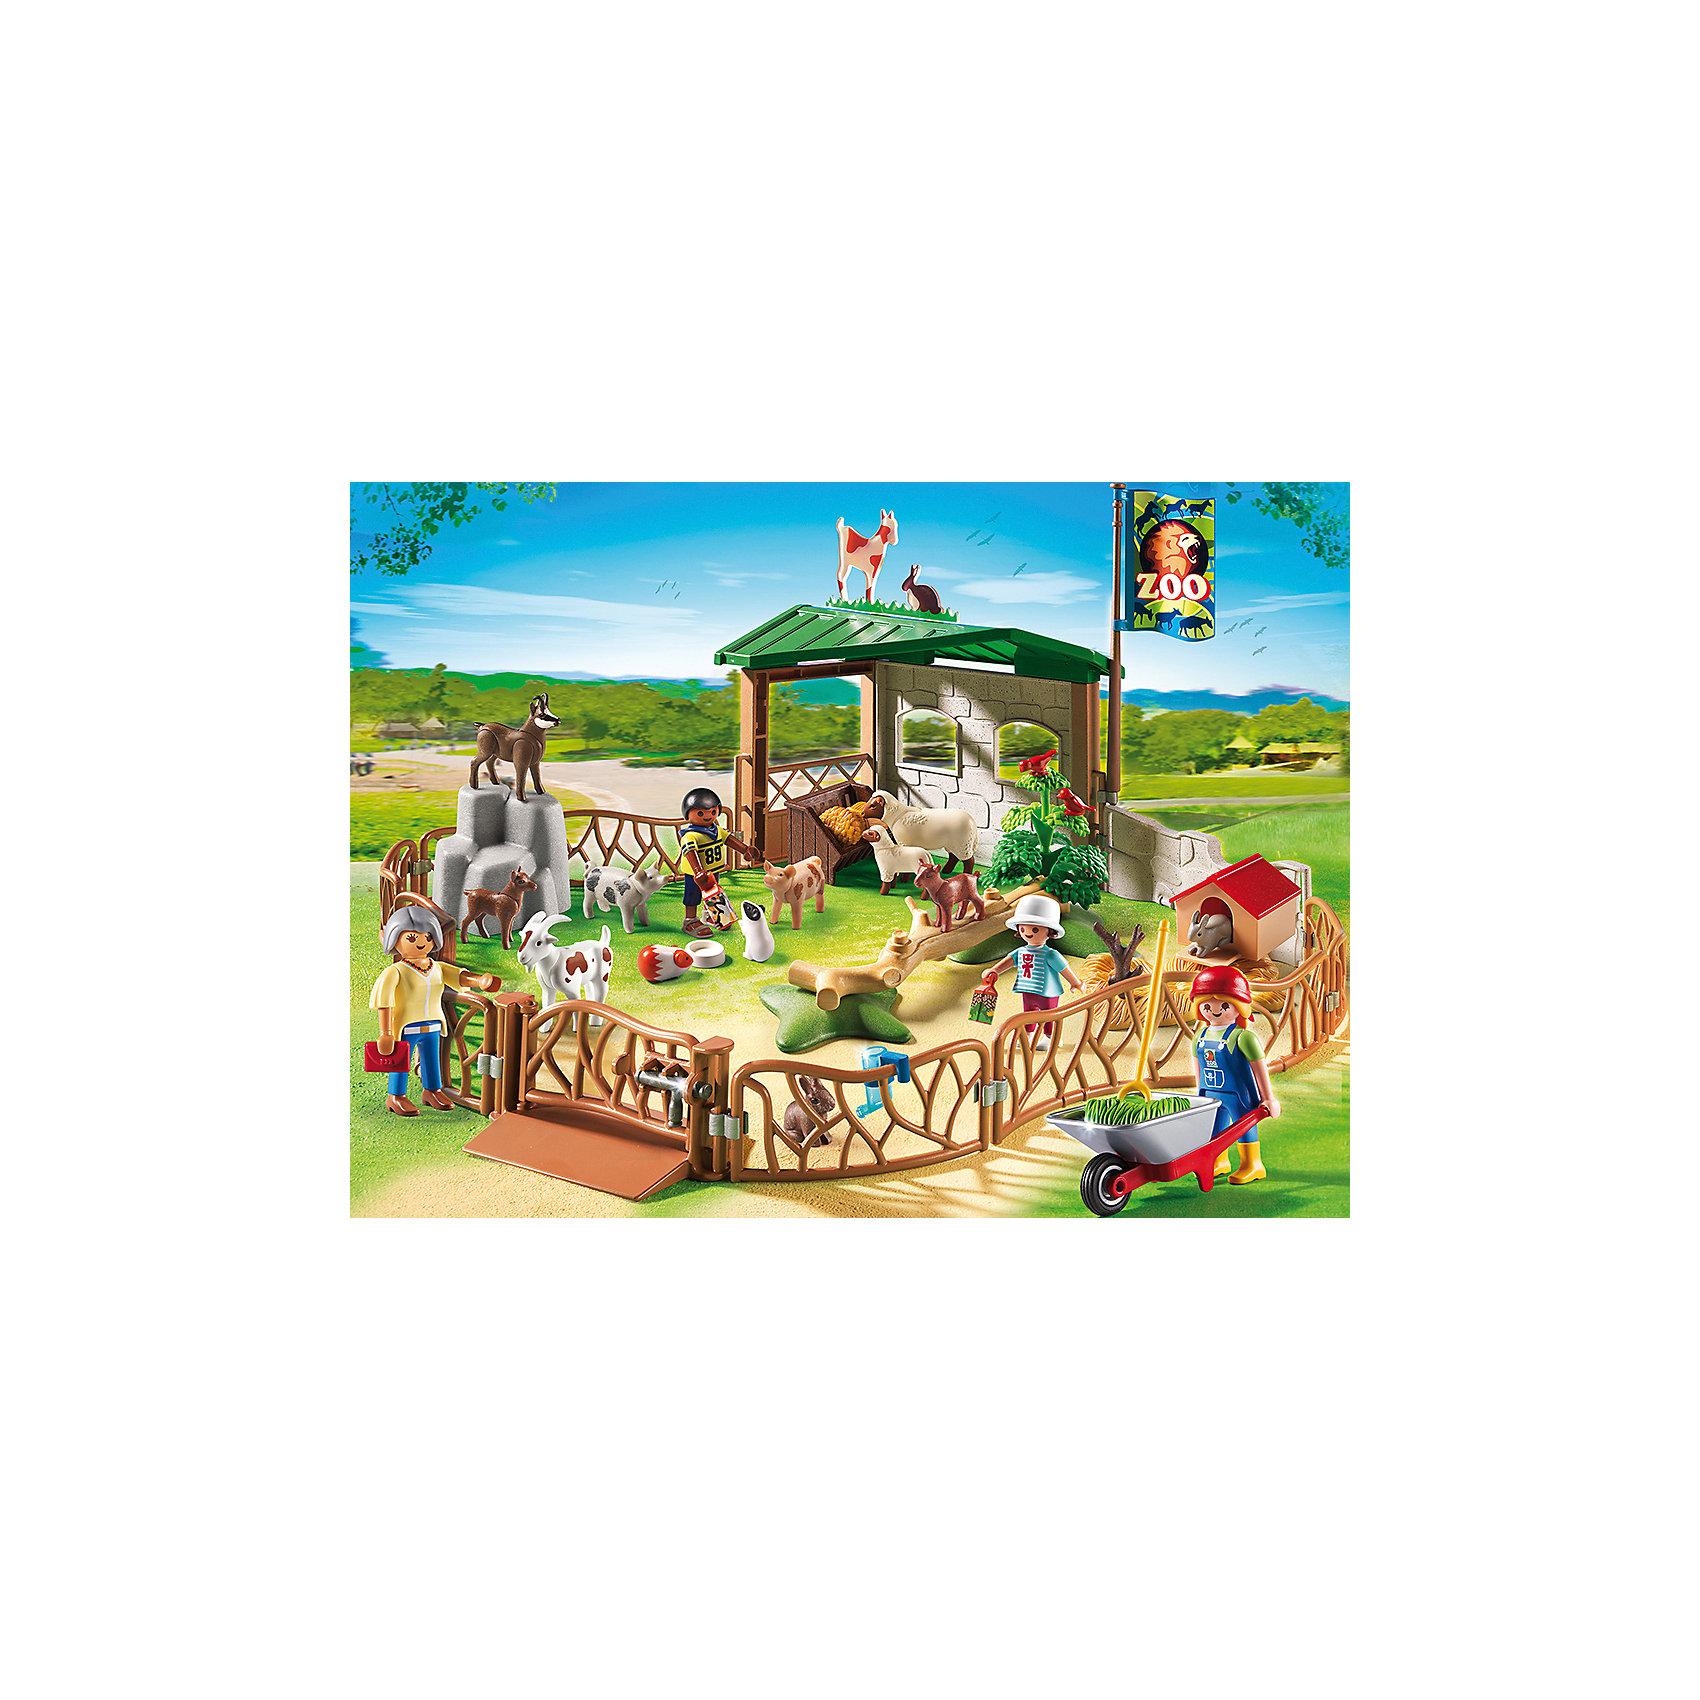 PLAYMOBIL® Детский контактный зоопарк, PLAYMOBIL playmobil 5266 summer fun детский клуб с танц площадкой